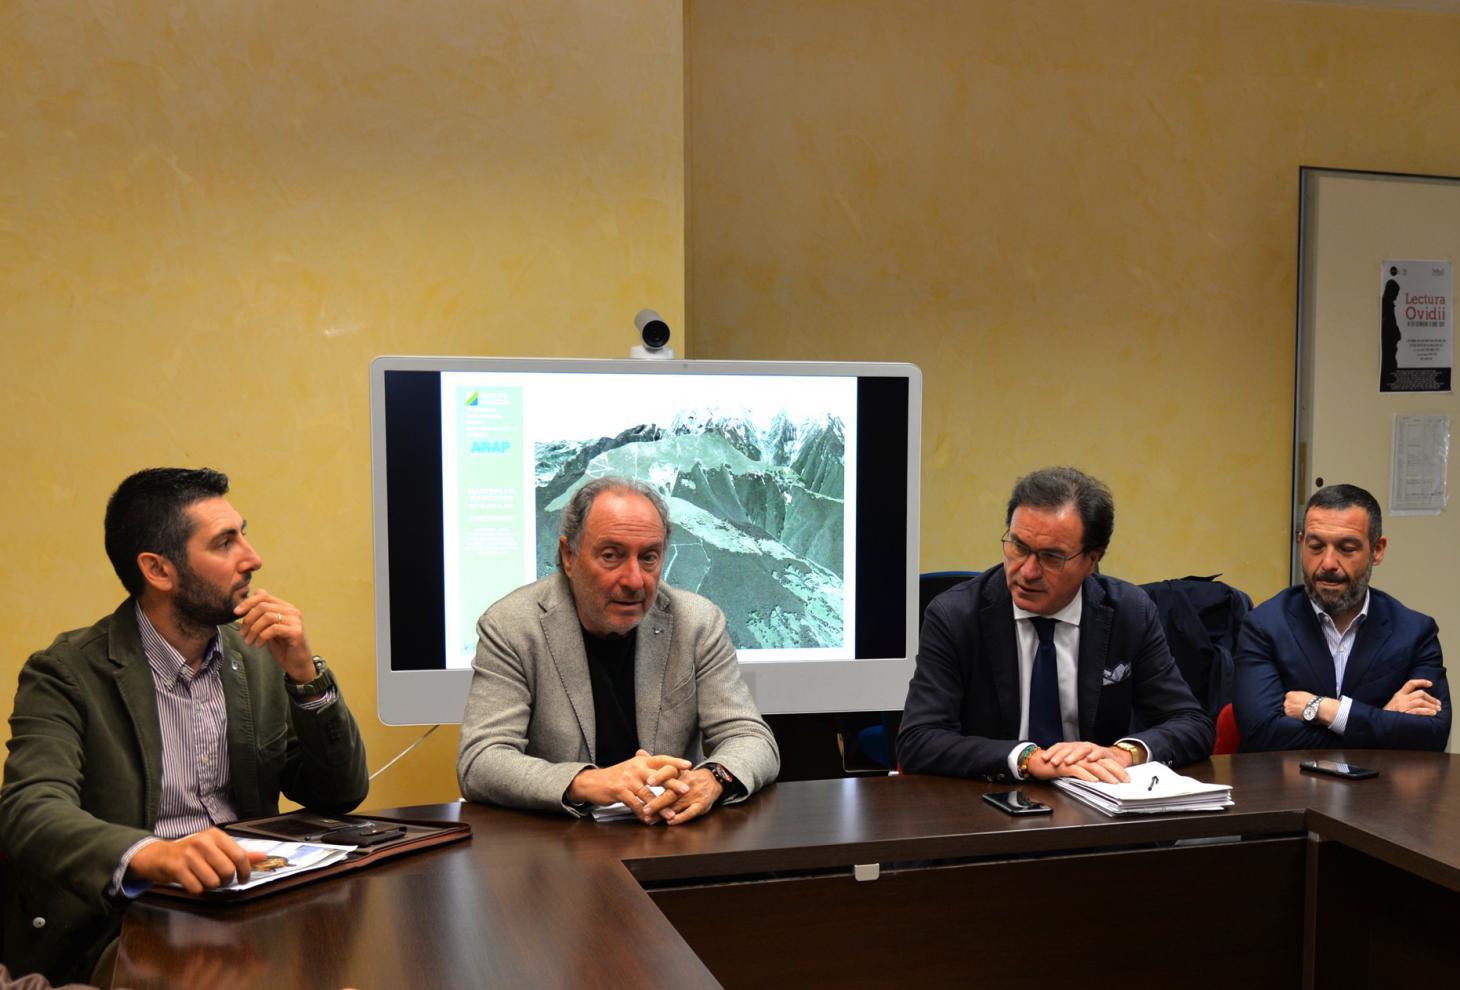 Nella foto l'assessore Febbo (il secondo da dx.), il presidente del Consiglio regionale, Lorenzo Sospiri (primo da dx), il presidente del Parco nazionale della Maiella, Lucio Zazzara, ed il direttore del Parco Di Martino